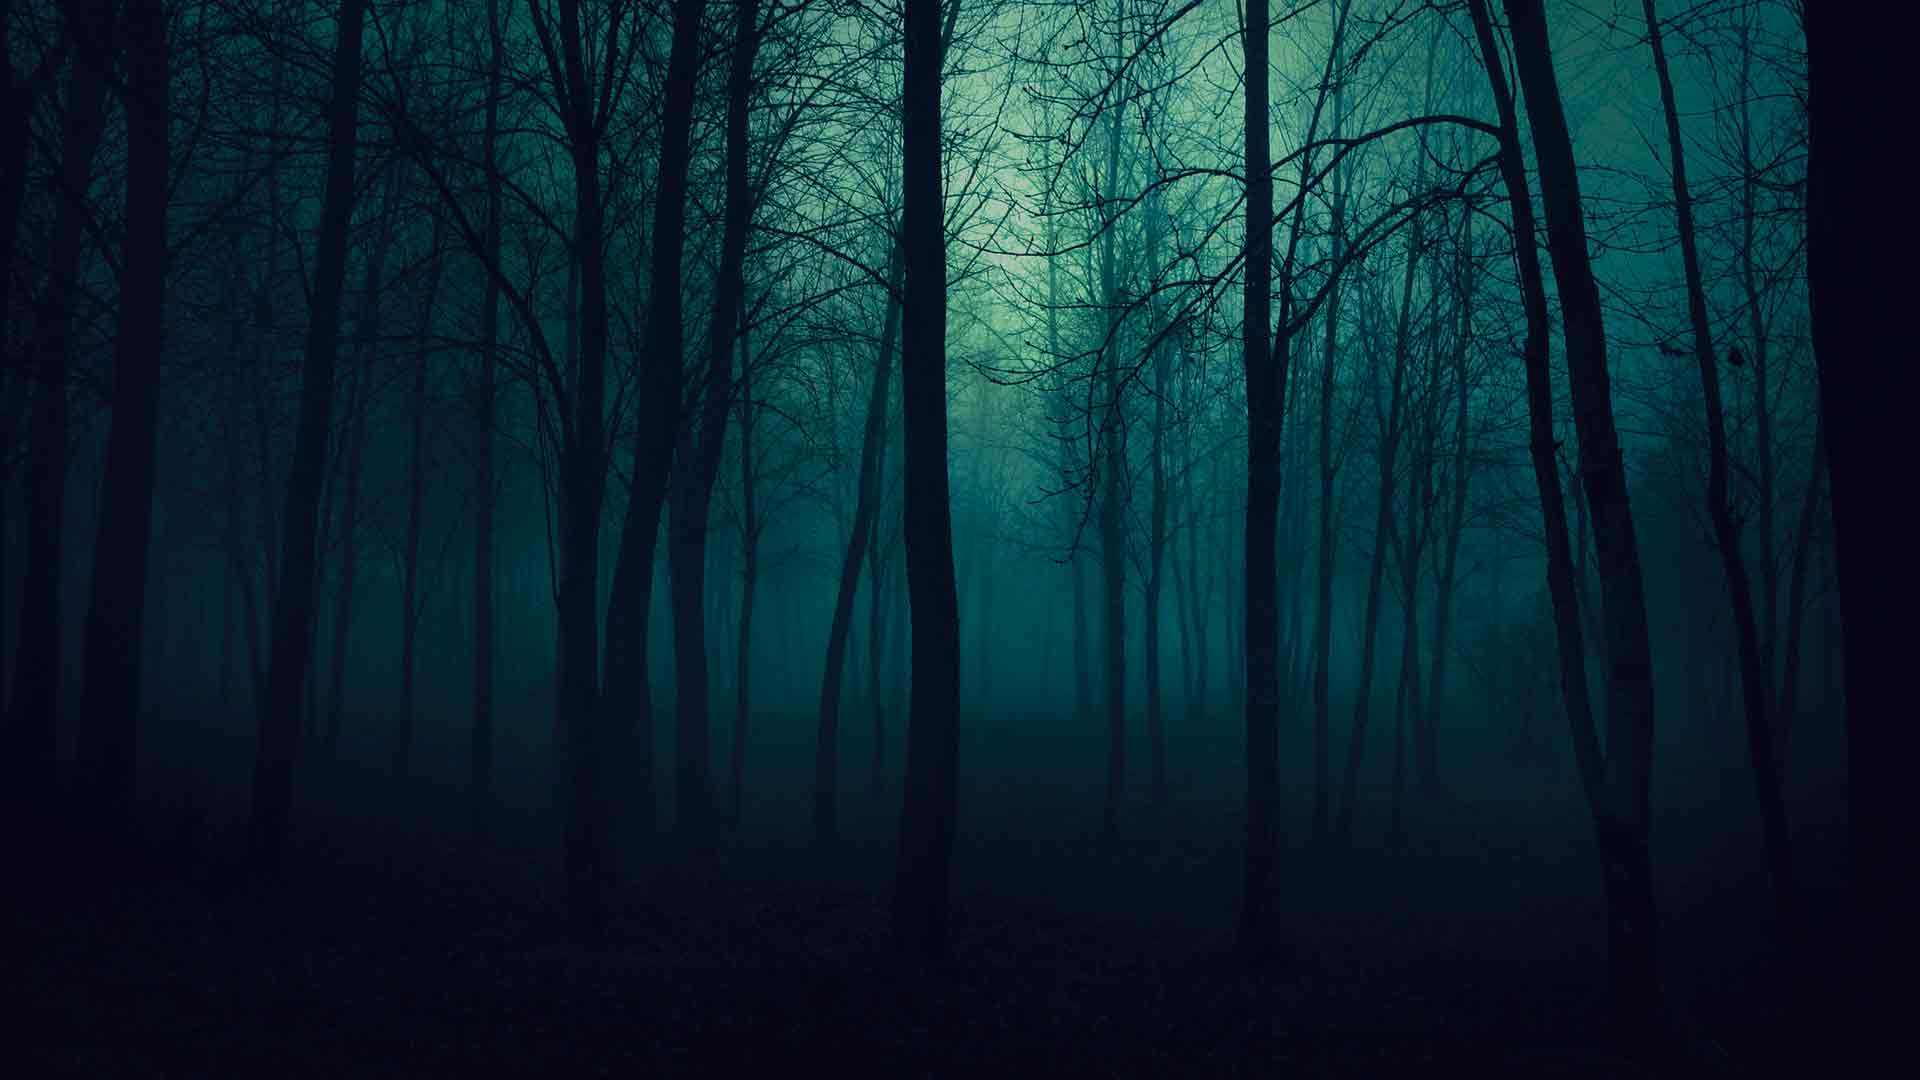 темный лес картинка